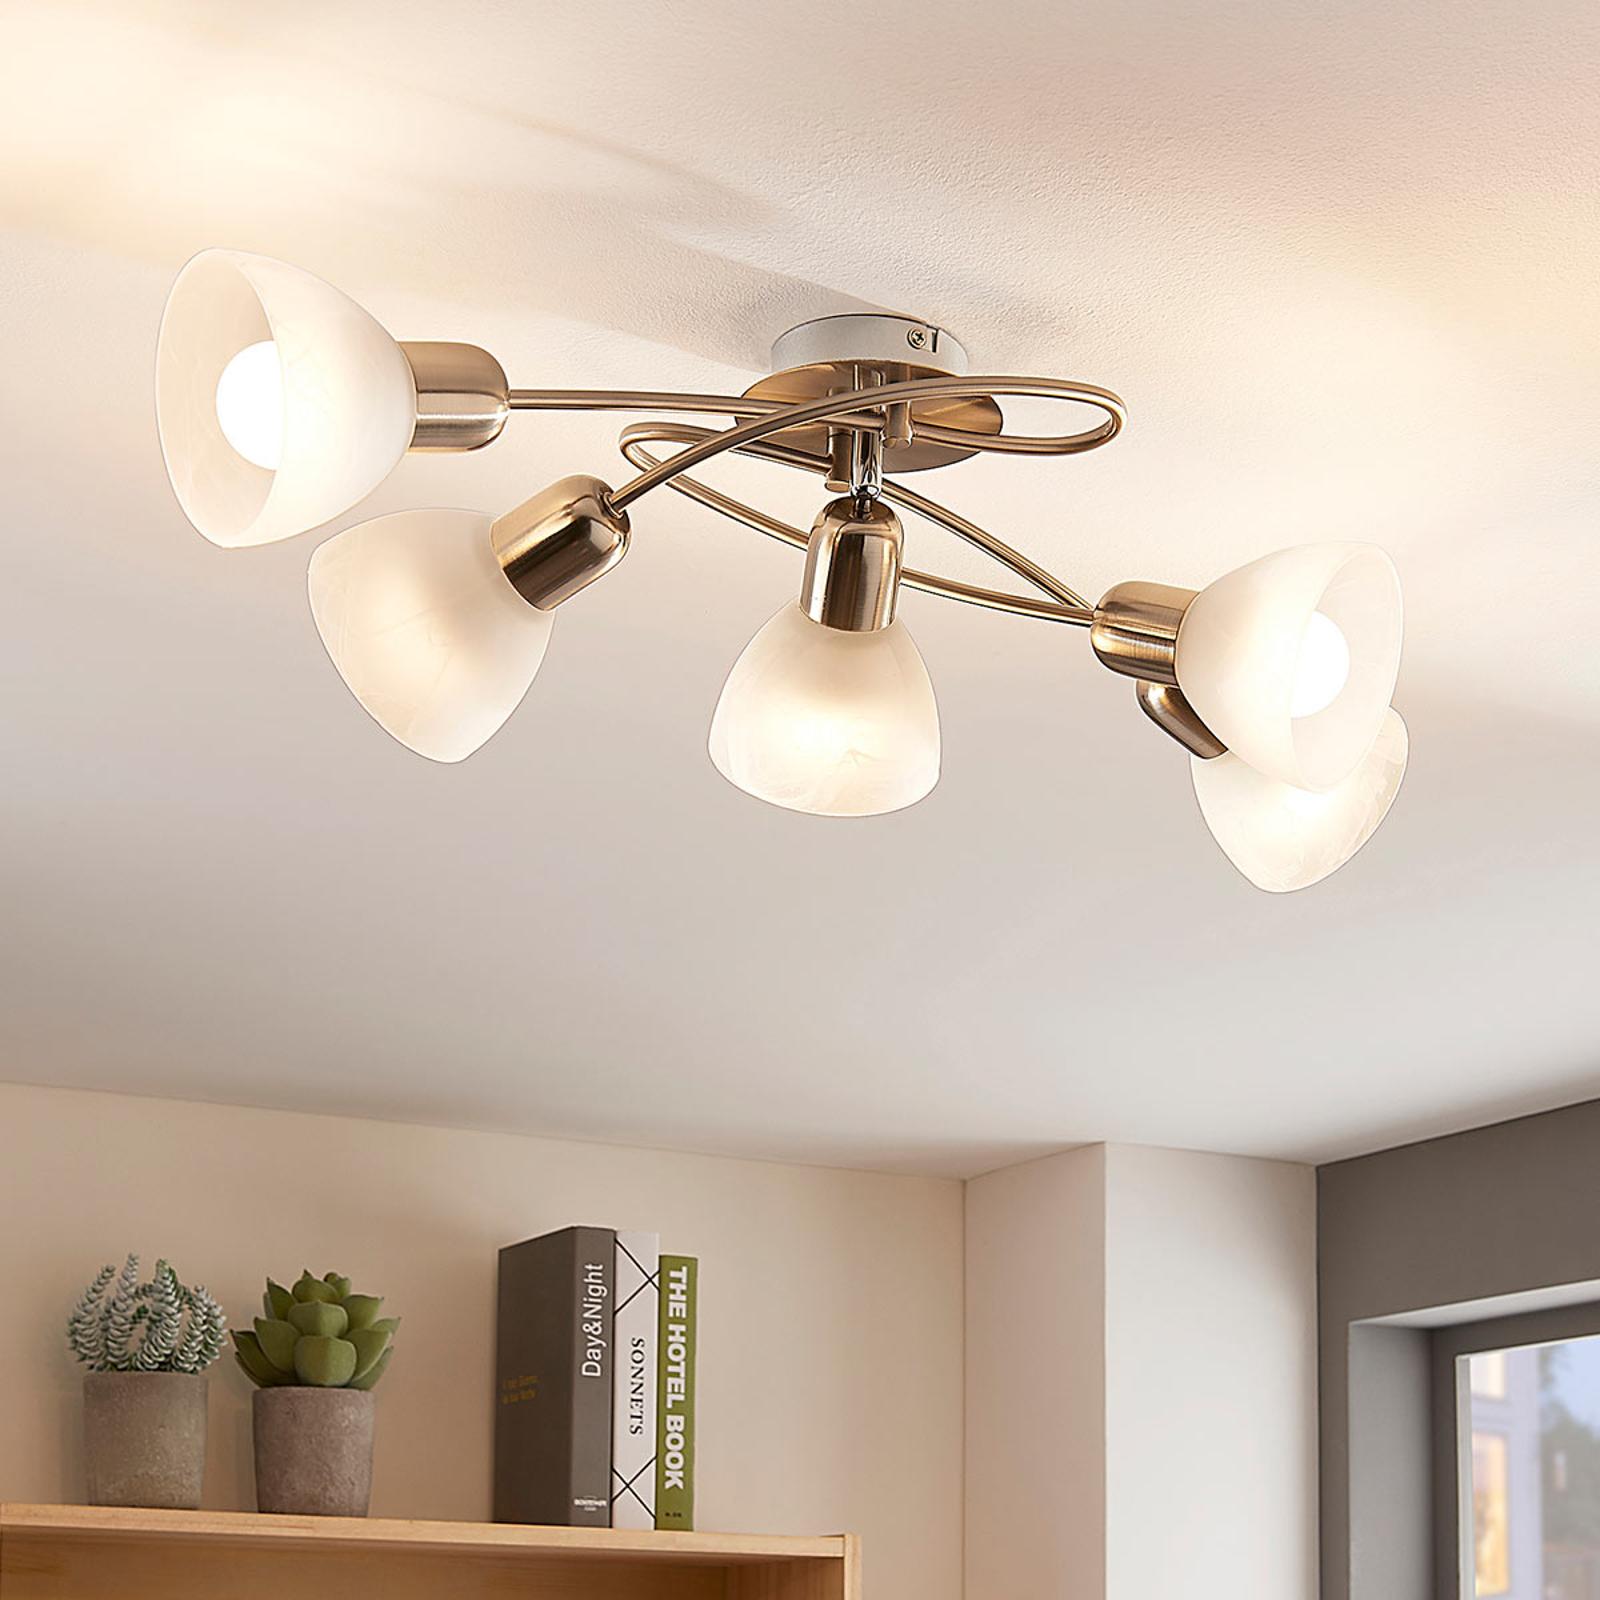 Led Plafondlamp Paulina Vijf Lampjes Woonkamer Lampen24 Nl